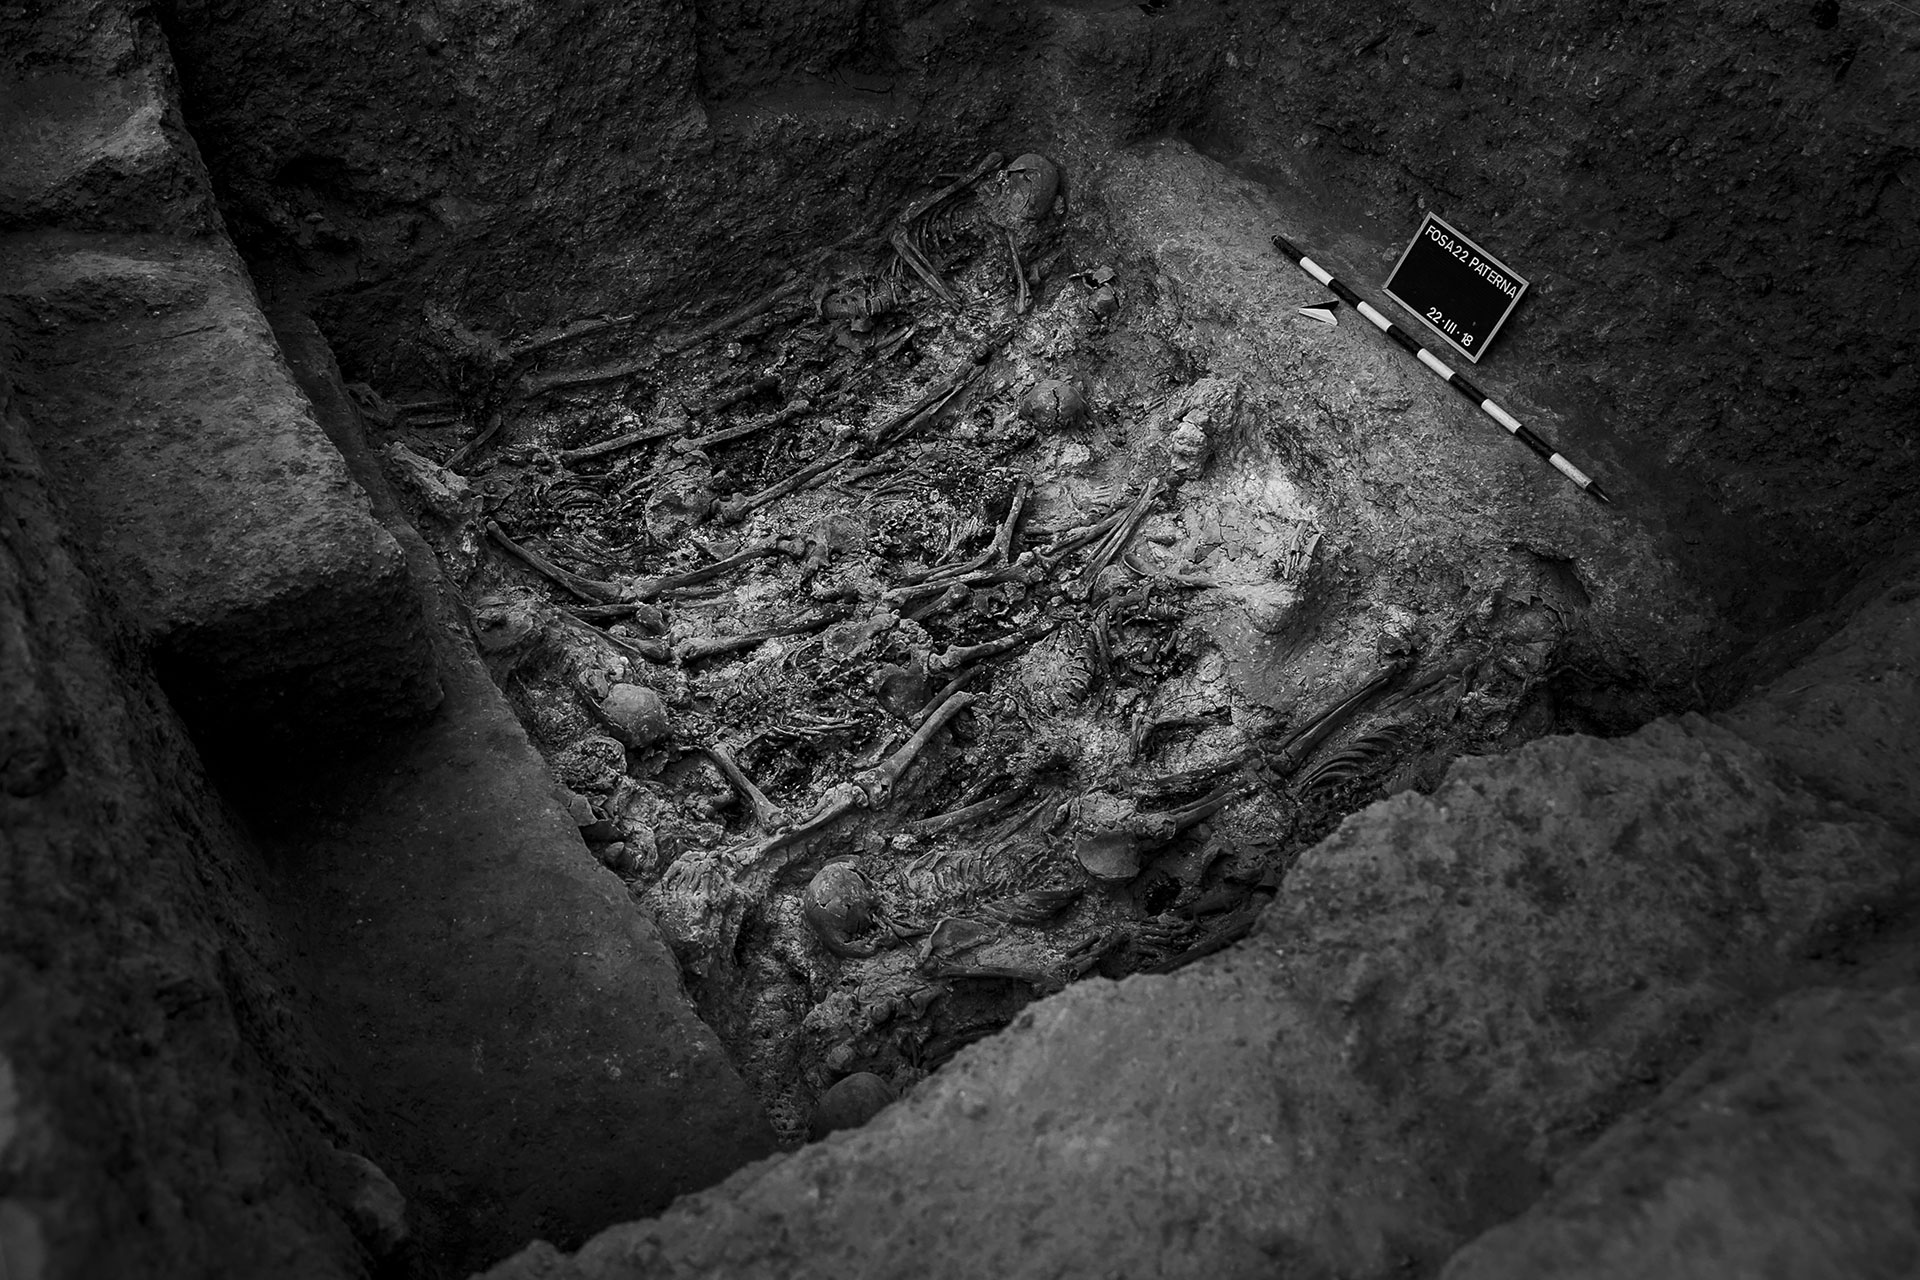 Los restos de 33 personas, fusiladas en 1940, fueron encontrados en la fosa 22 del cementerio de Paterna, Valencia, en marzo de 2018.